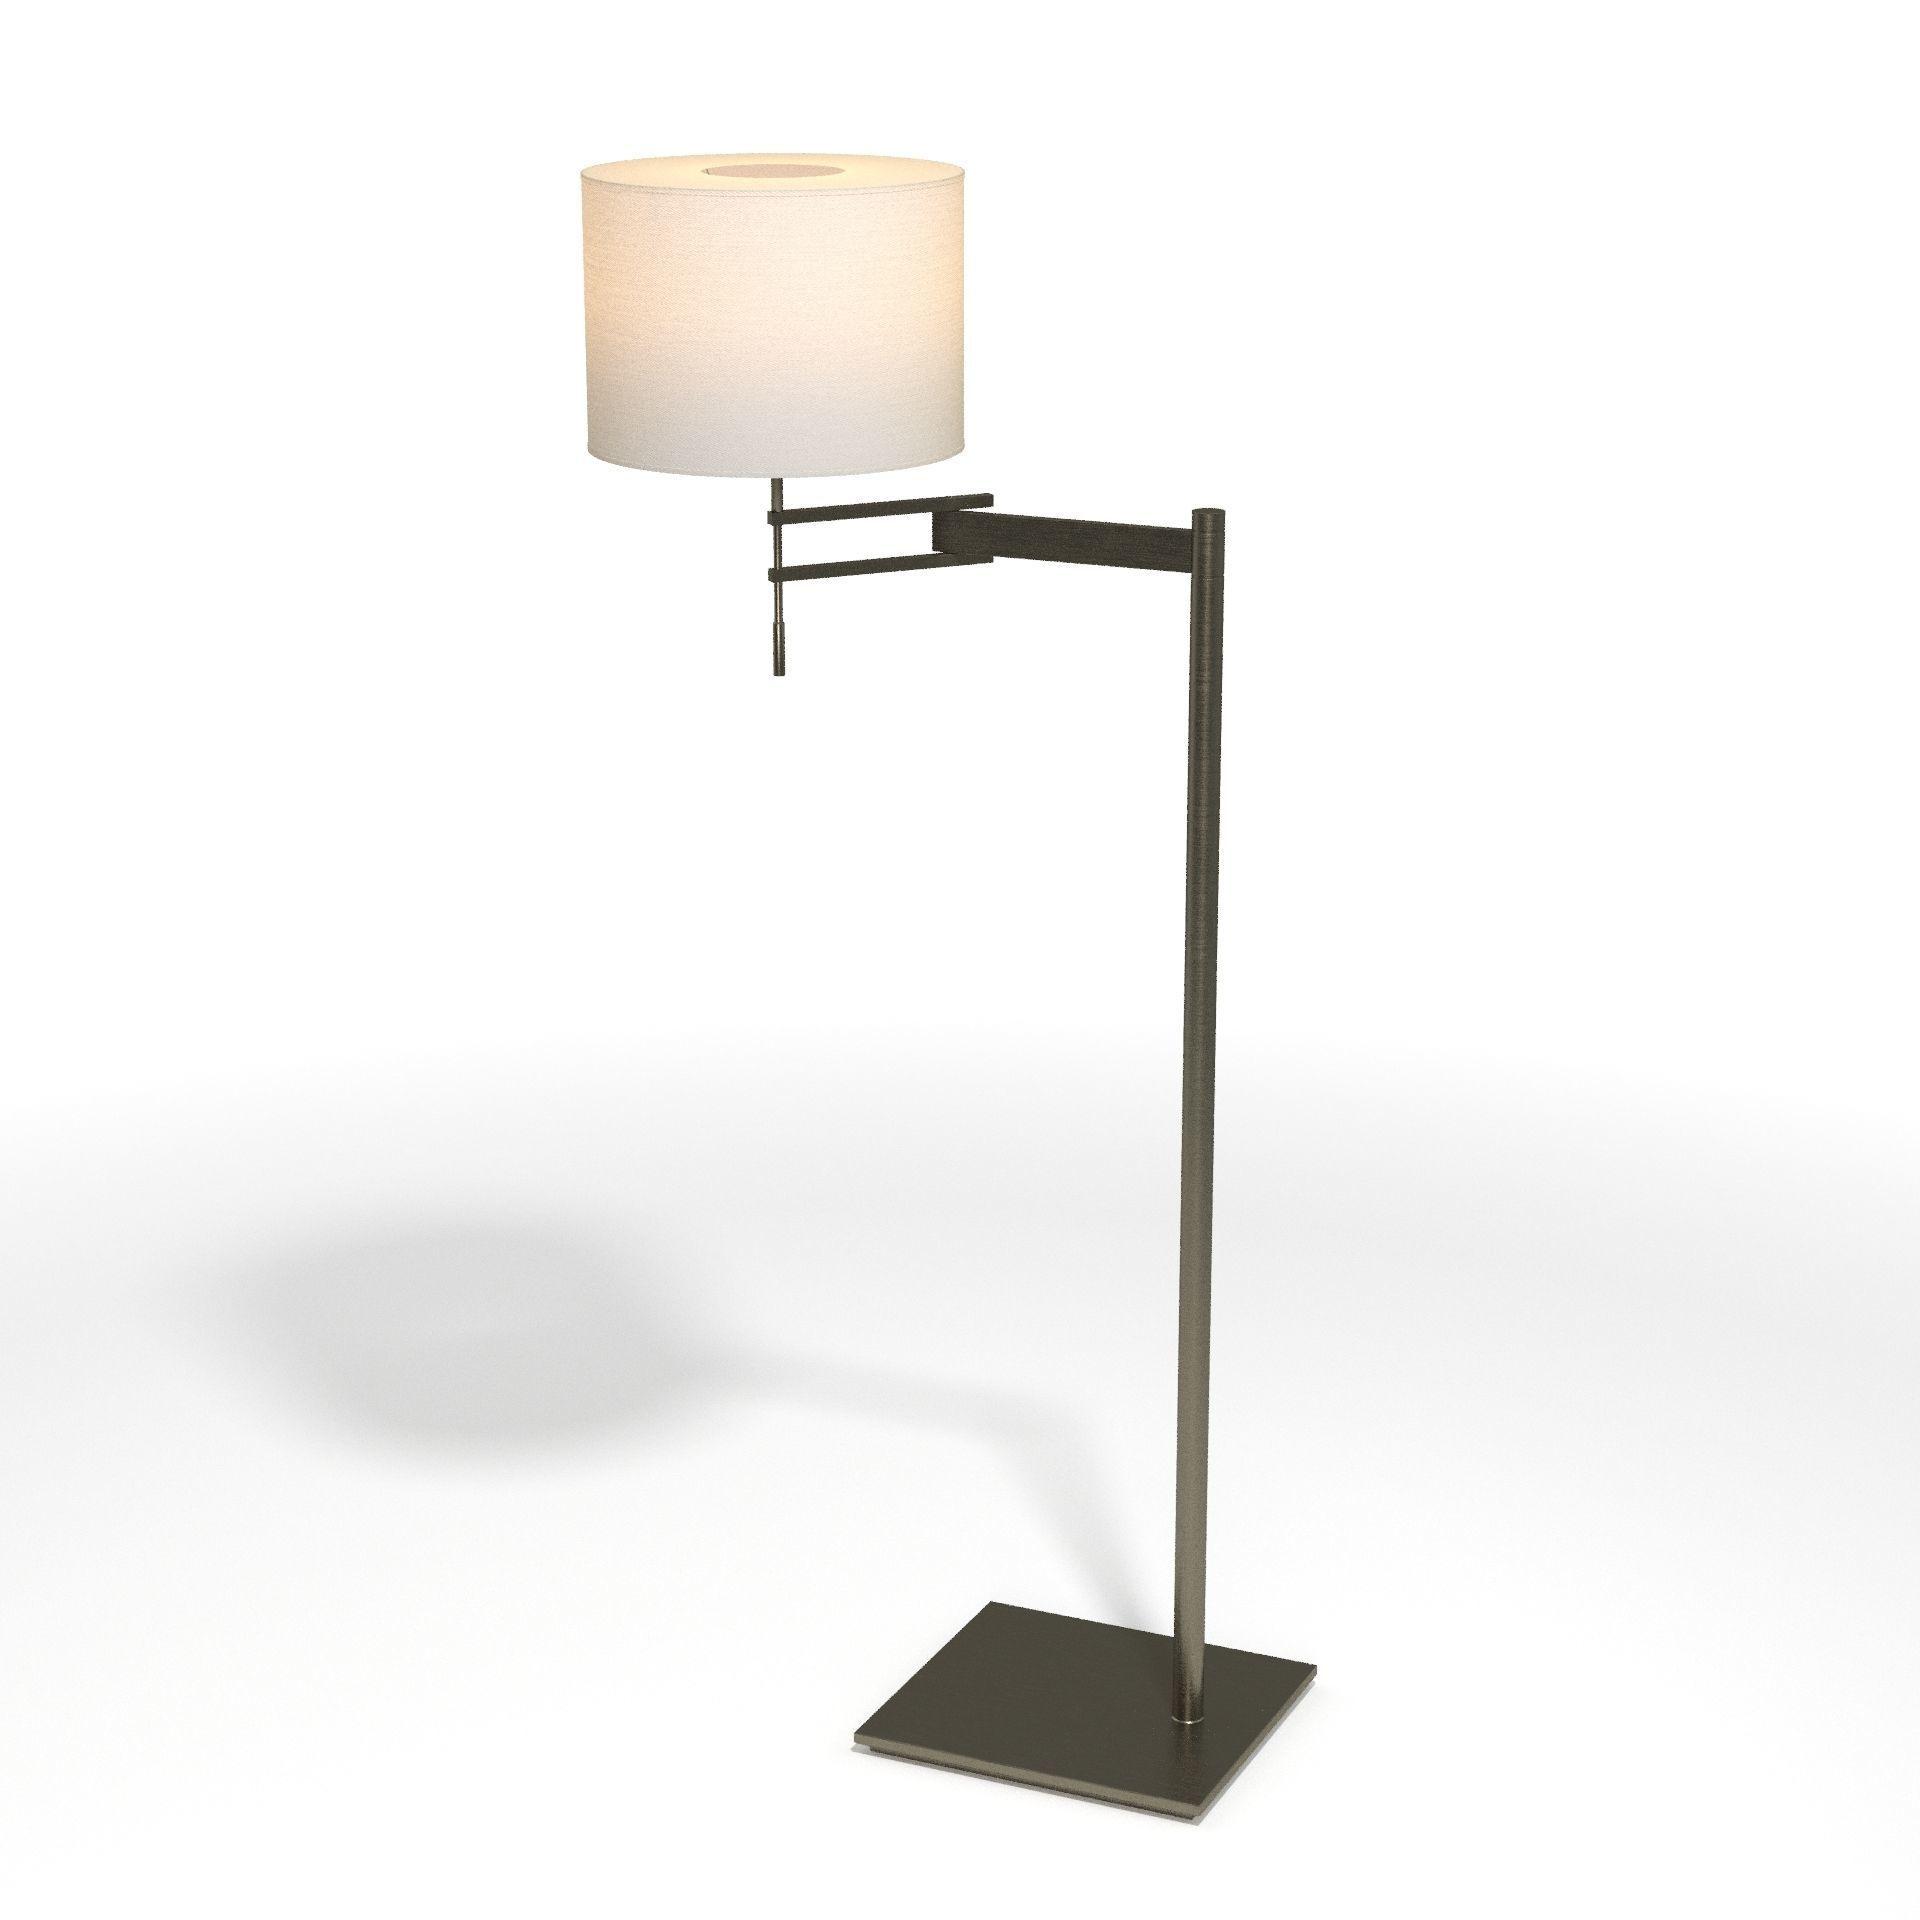 Studio Signature Swing Arm Floor Lamp